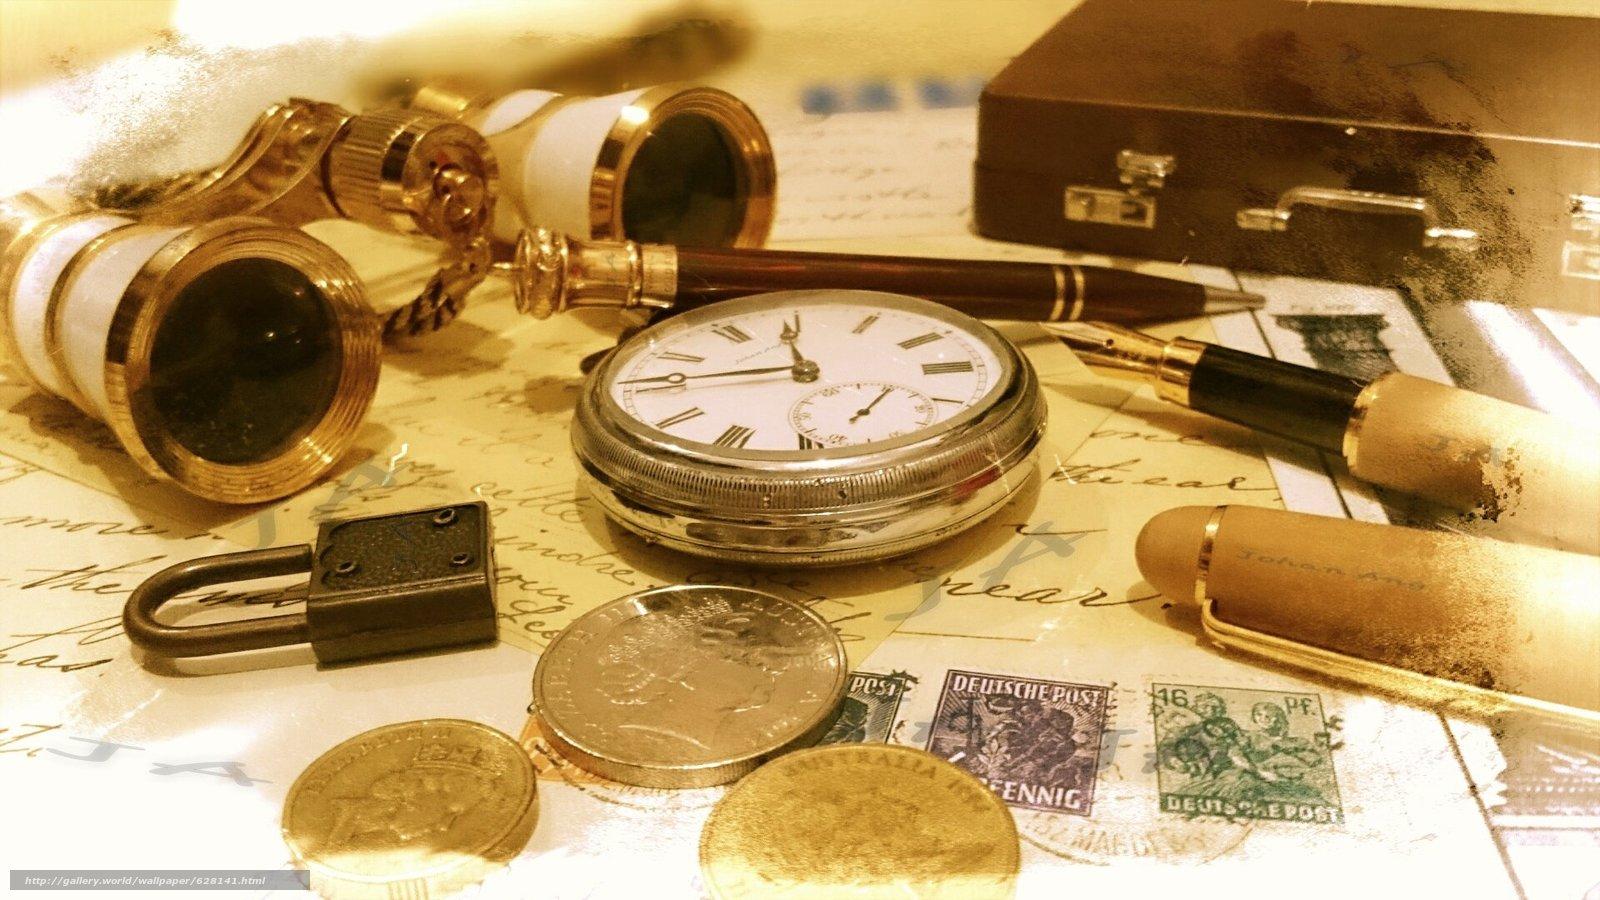 деньги, часы, бинокль, ручка